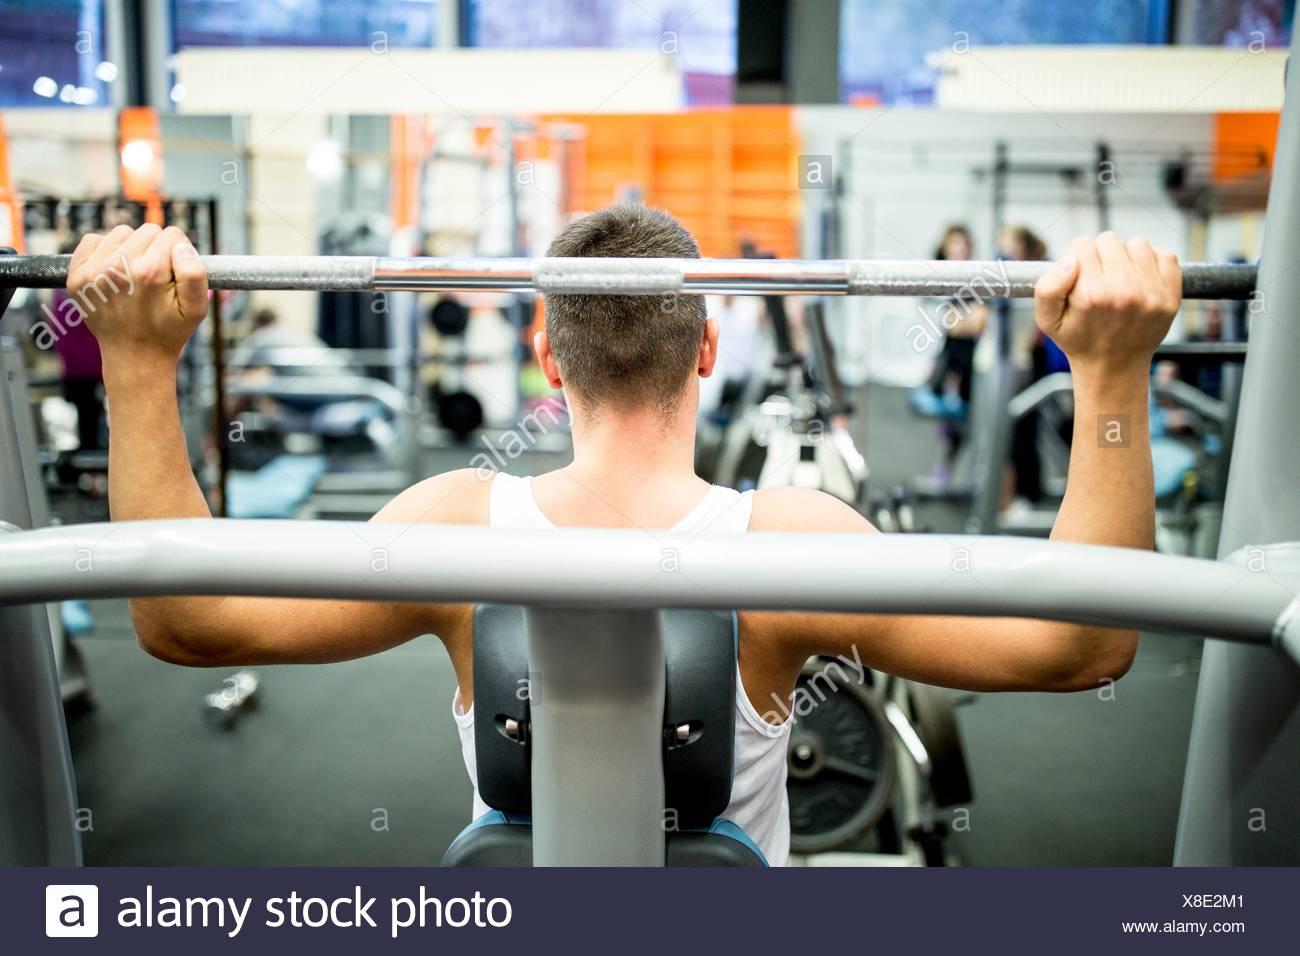 Liberados de la propiedad. Modelo liberado. Joven con máquina de ejercicio en el gimnasio. Imagen De Stock